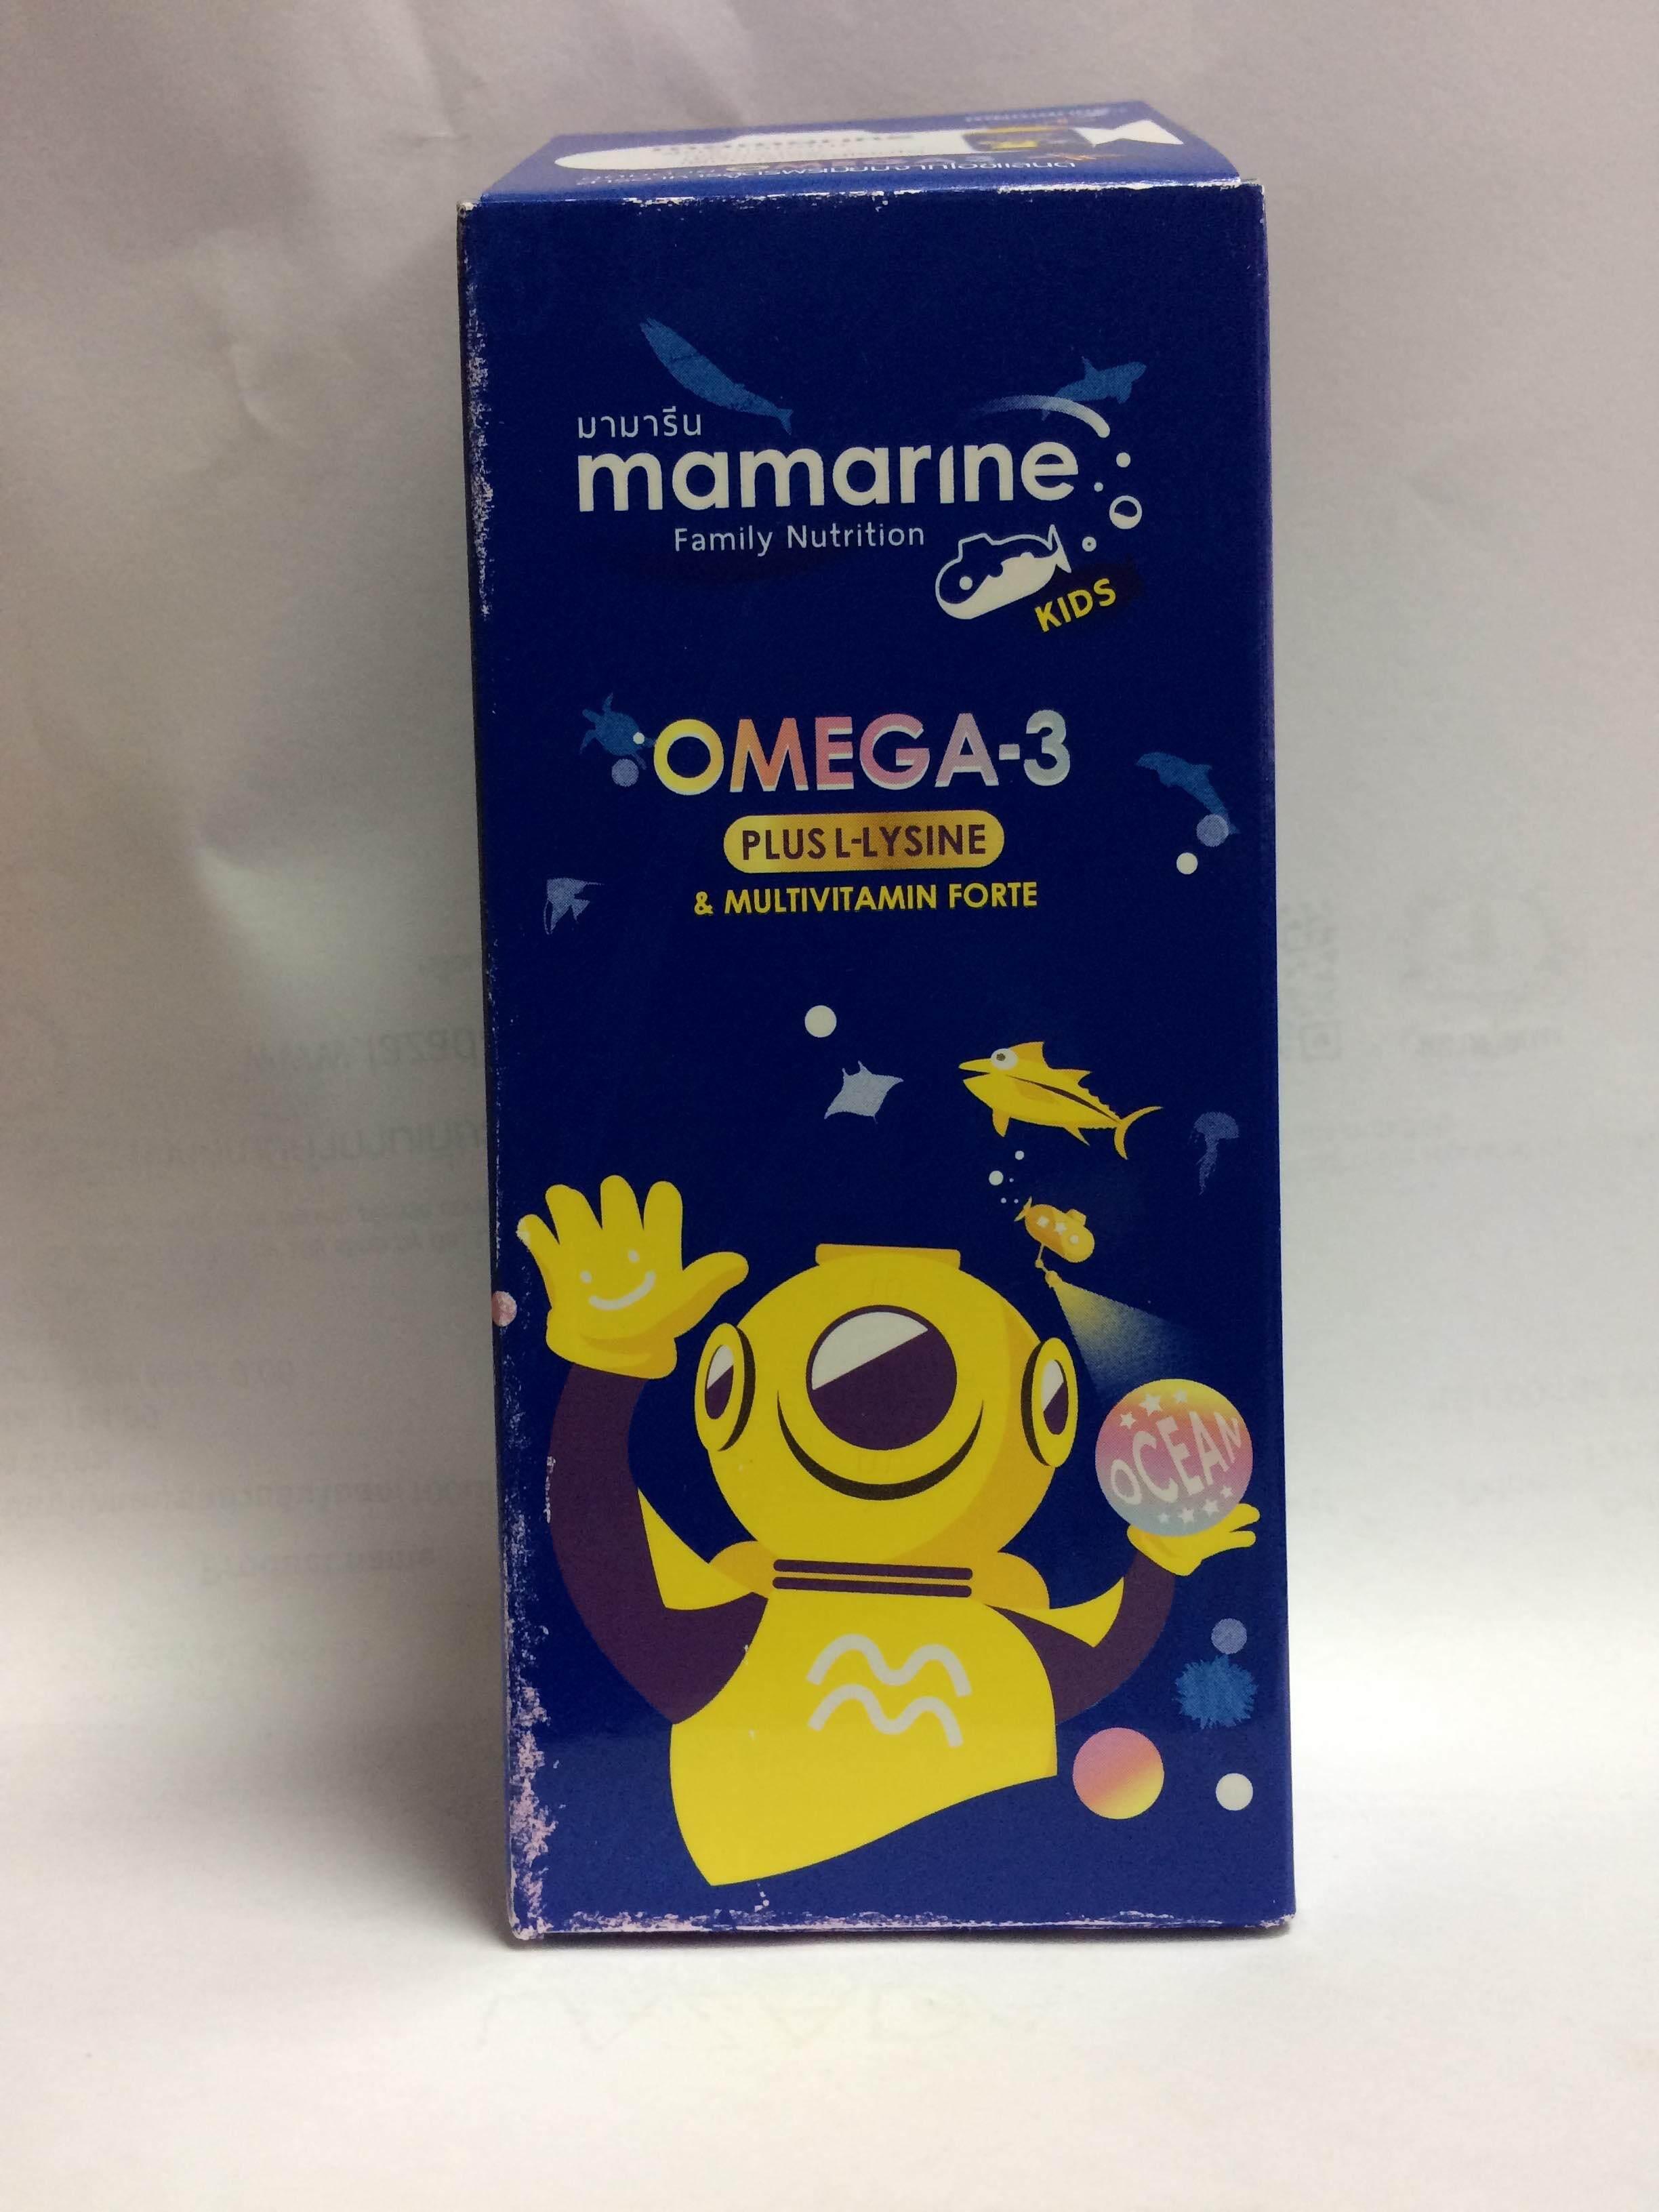 มามารีน โอเมก้า 3 ไลซีน ฟอร์ท เจริญอาหาร อยากอาหาร บำรุงสมอง Mamarine Kids Omega 3 Plus Lysine &multivitamin Forte 120 มิลลิลิตร (1 ขวด) By Vitamin9999.